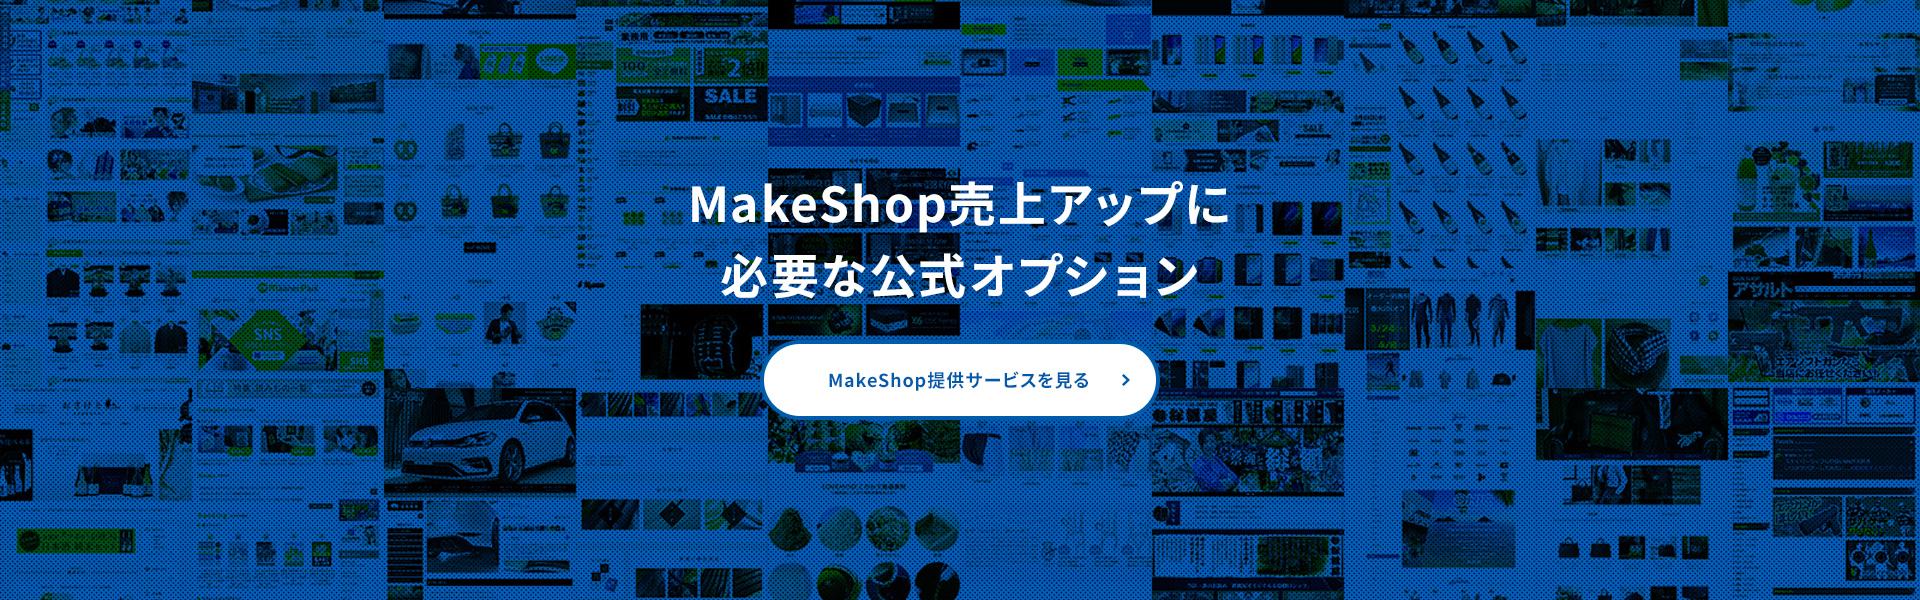 MakeShopの売上げアップに必要な公式オプション